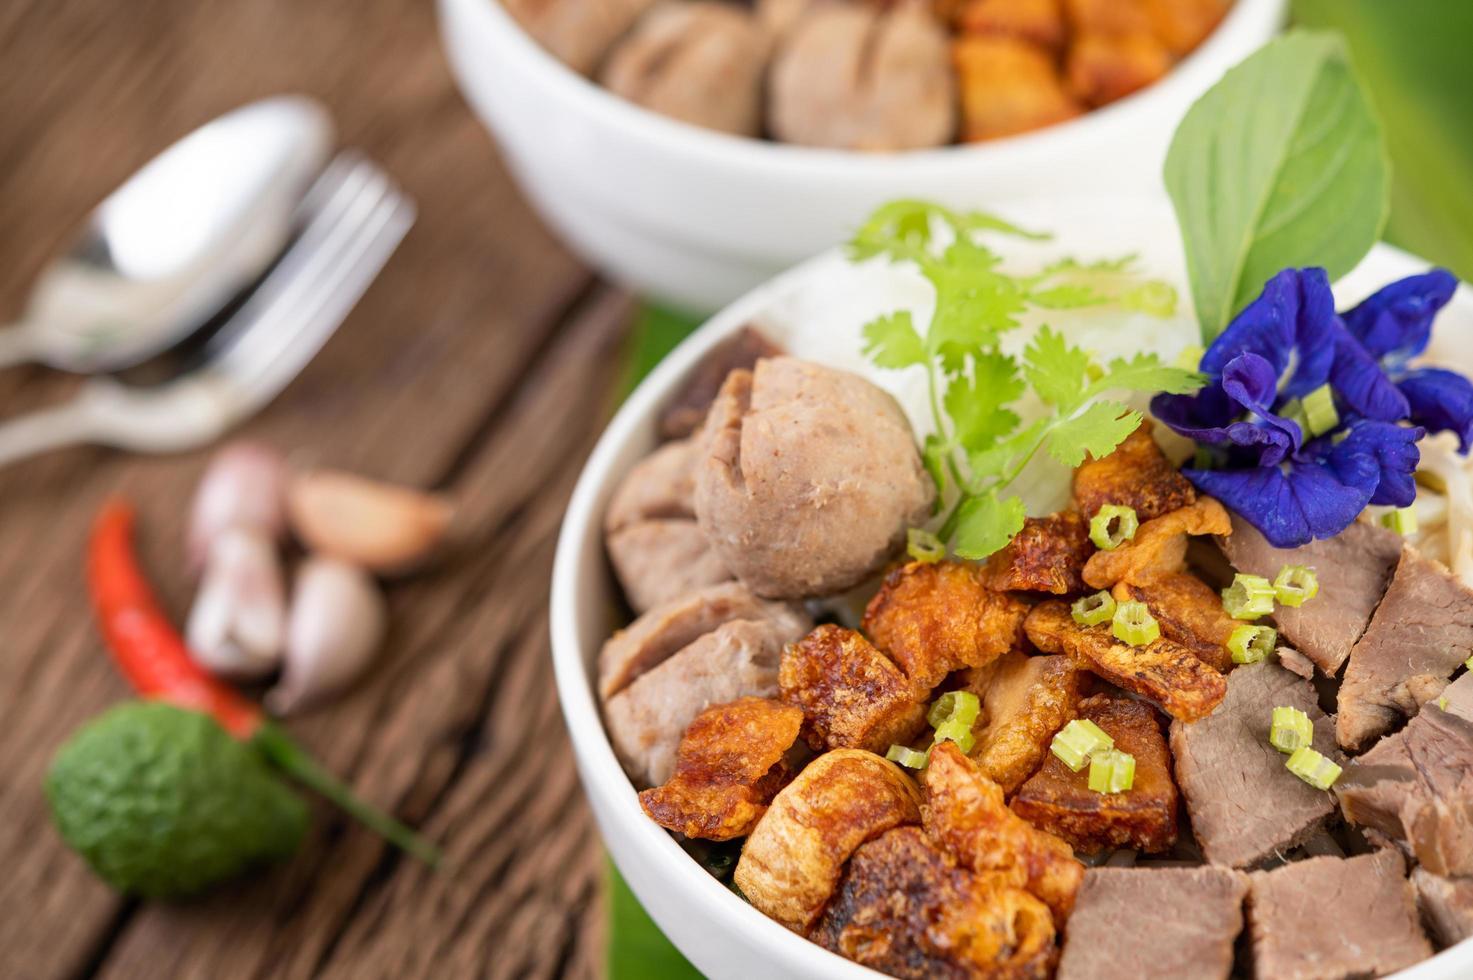 nouilles dans un bol avec du porc croustillant et des boulettes de viande photo